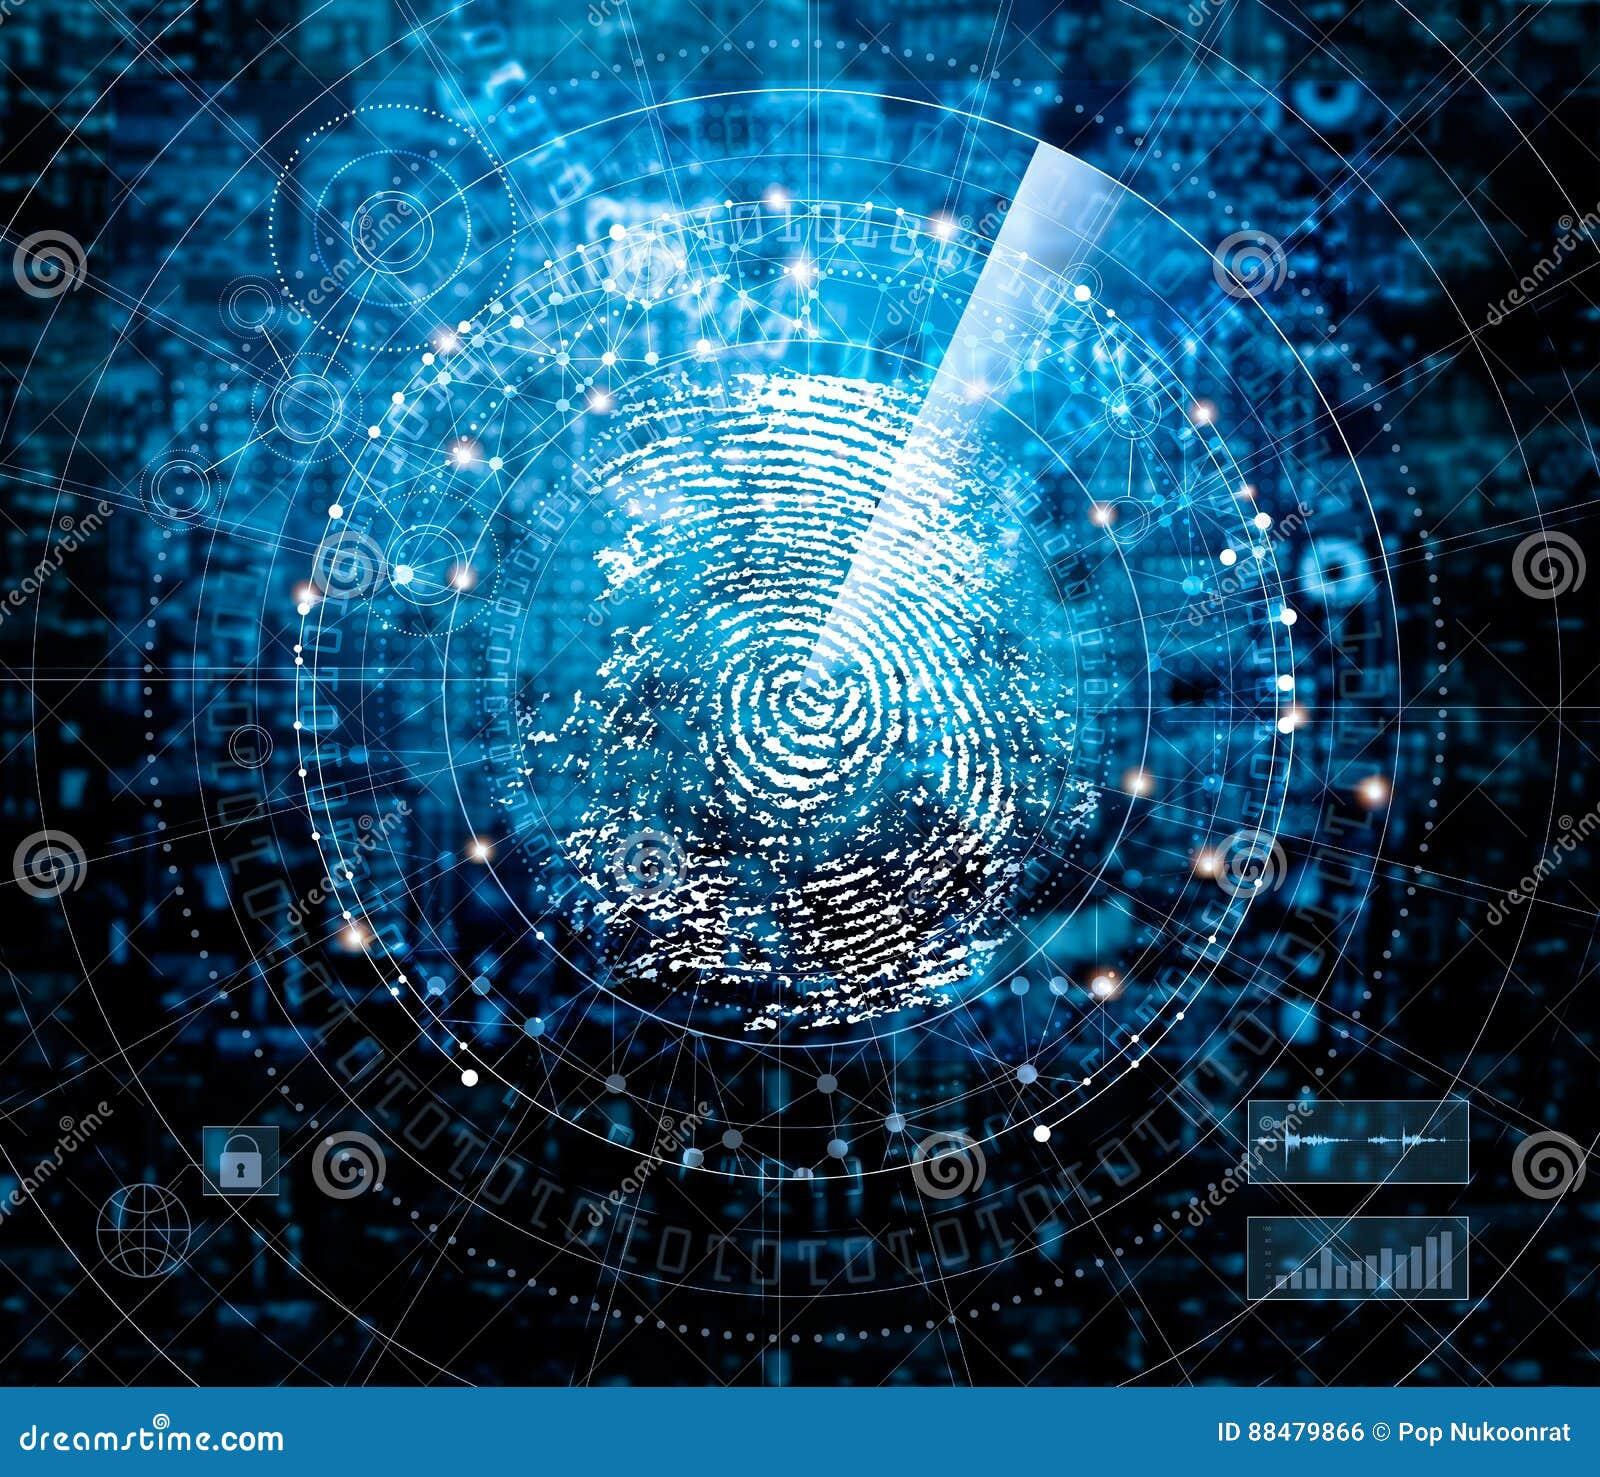 Nehmen Sie von Scannen und Suchen Identität auf blauer Cybertechnologie Fingerabdrücke